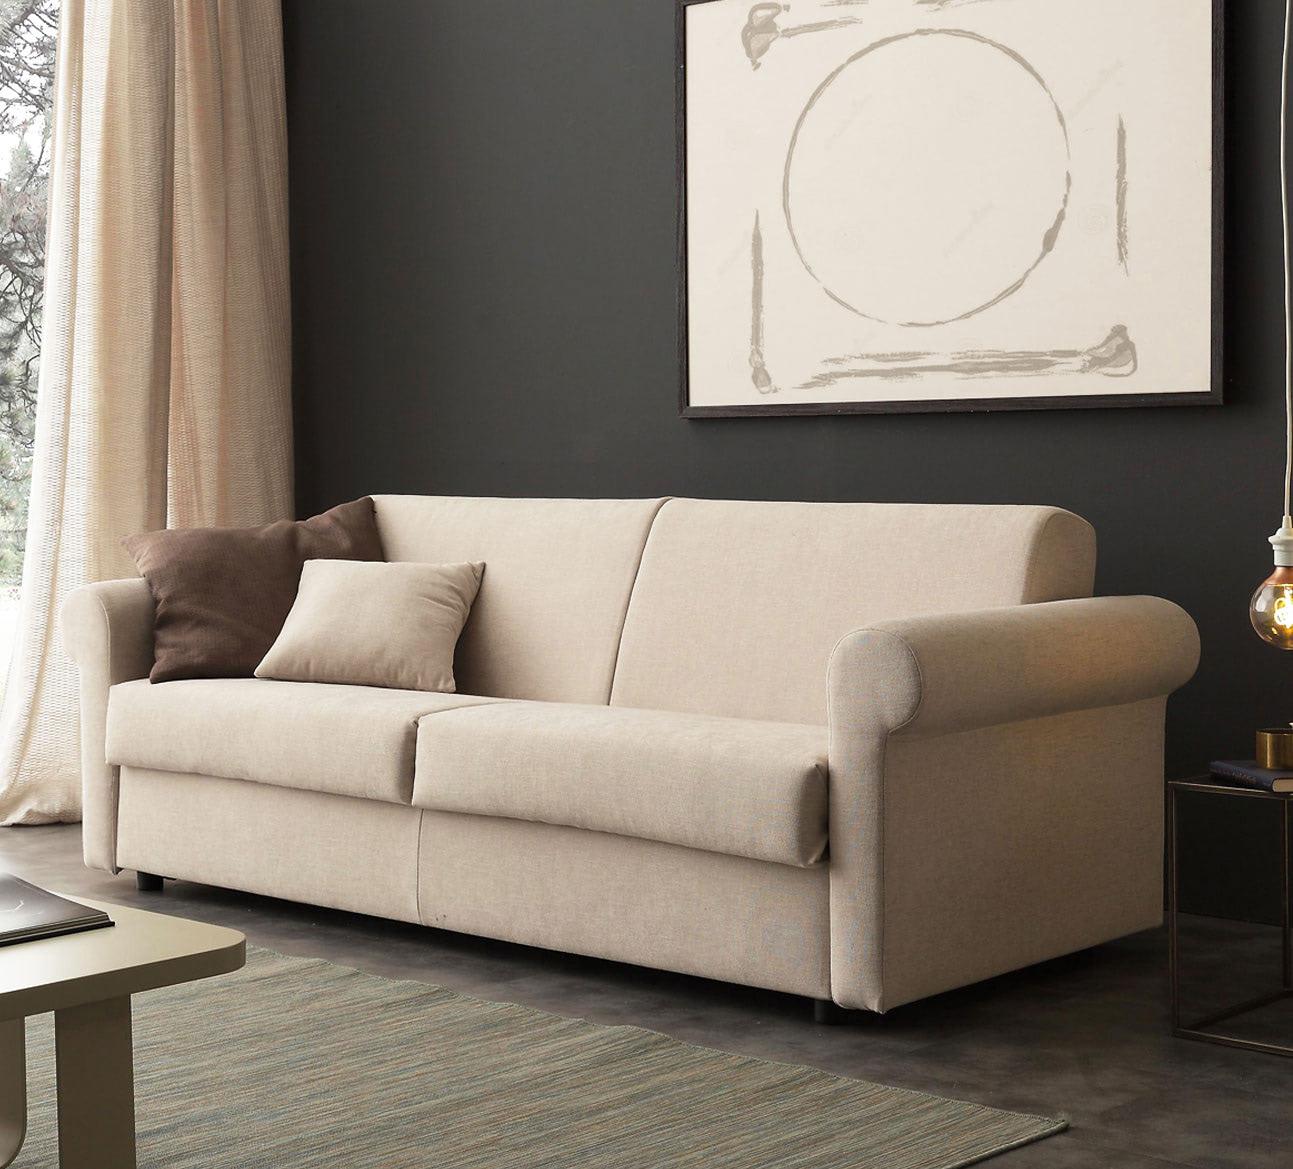 Canapea extensibila – TOSCA